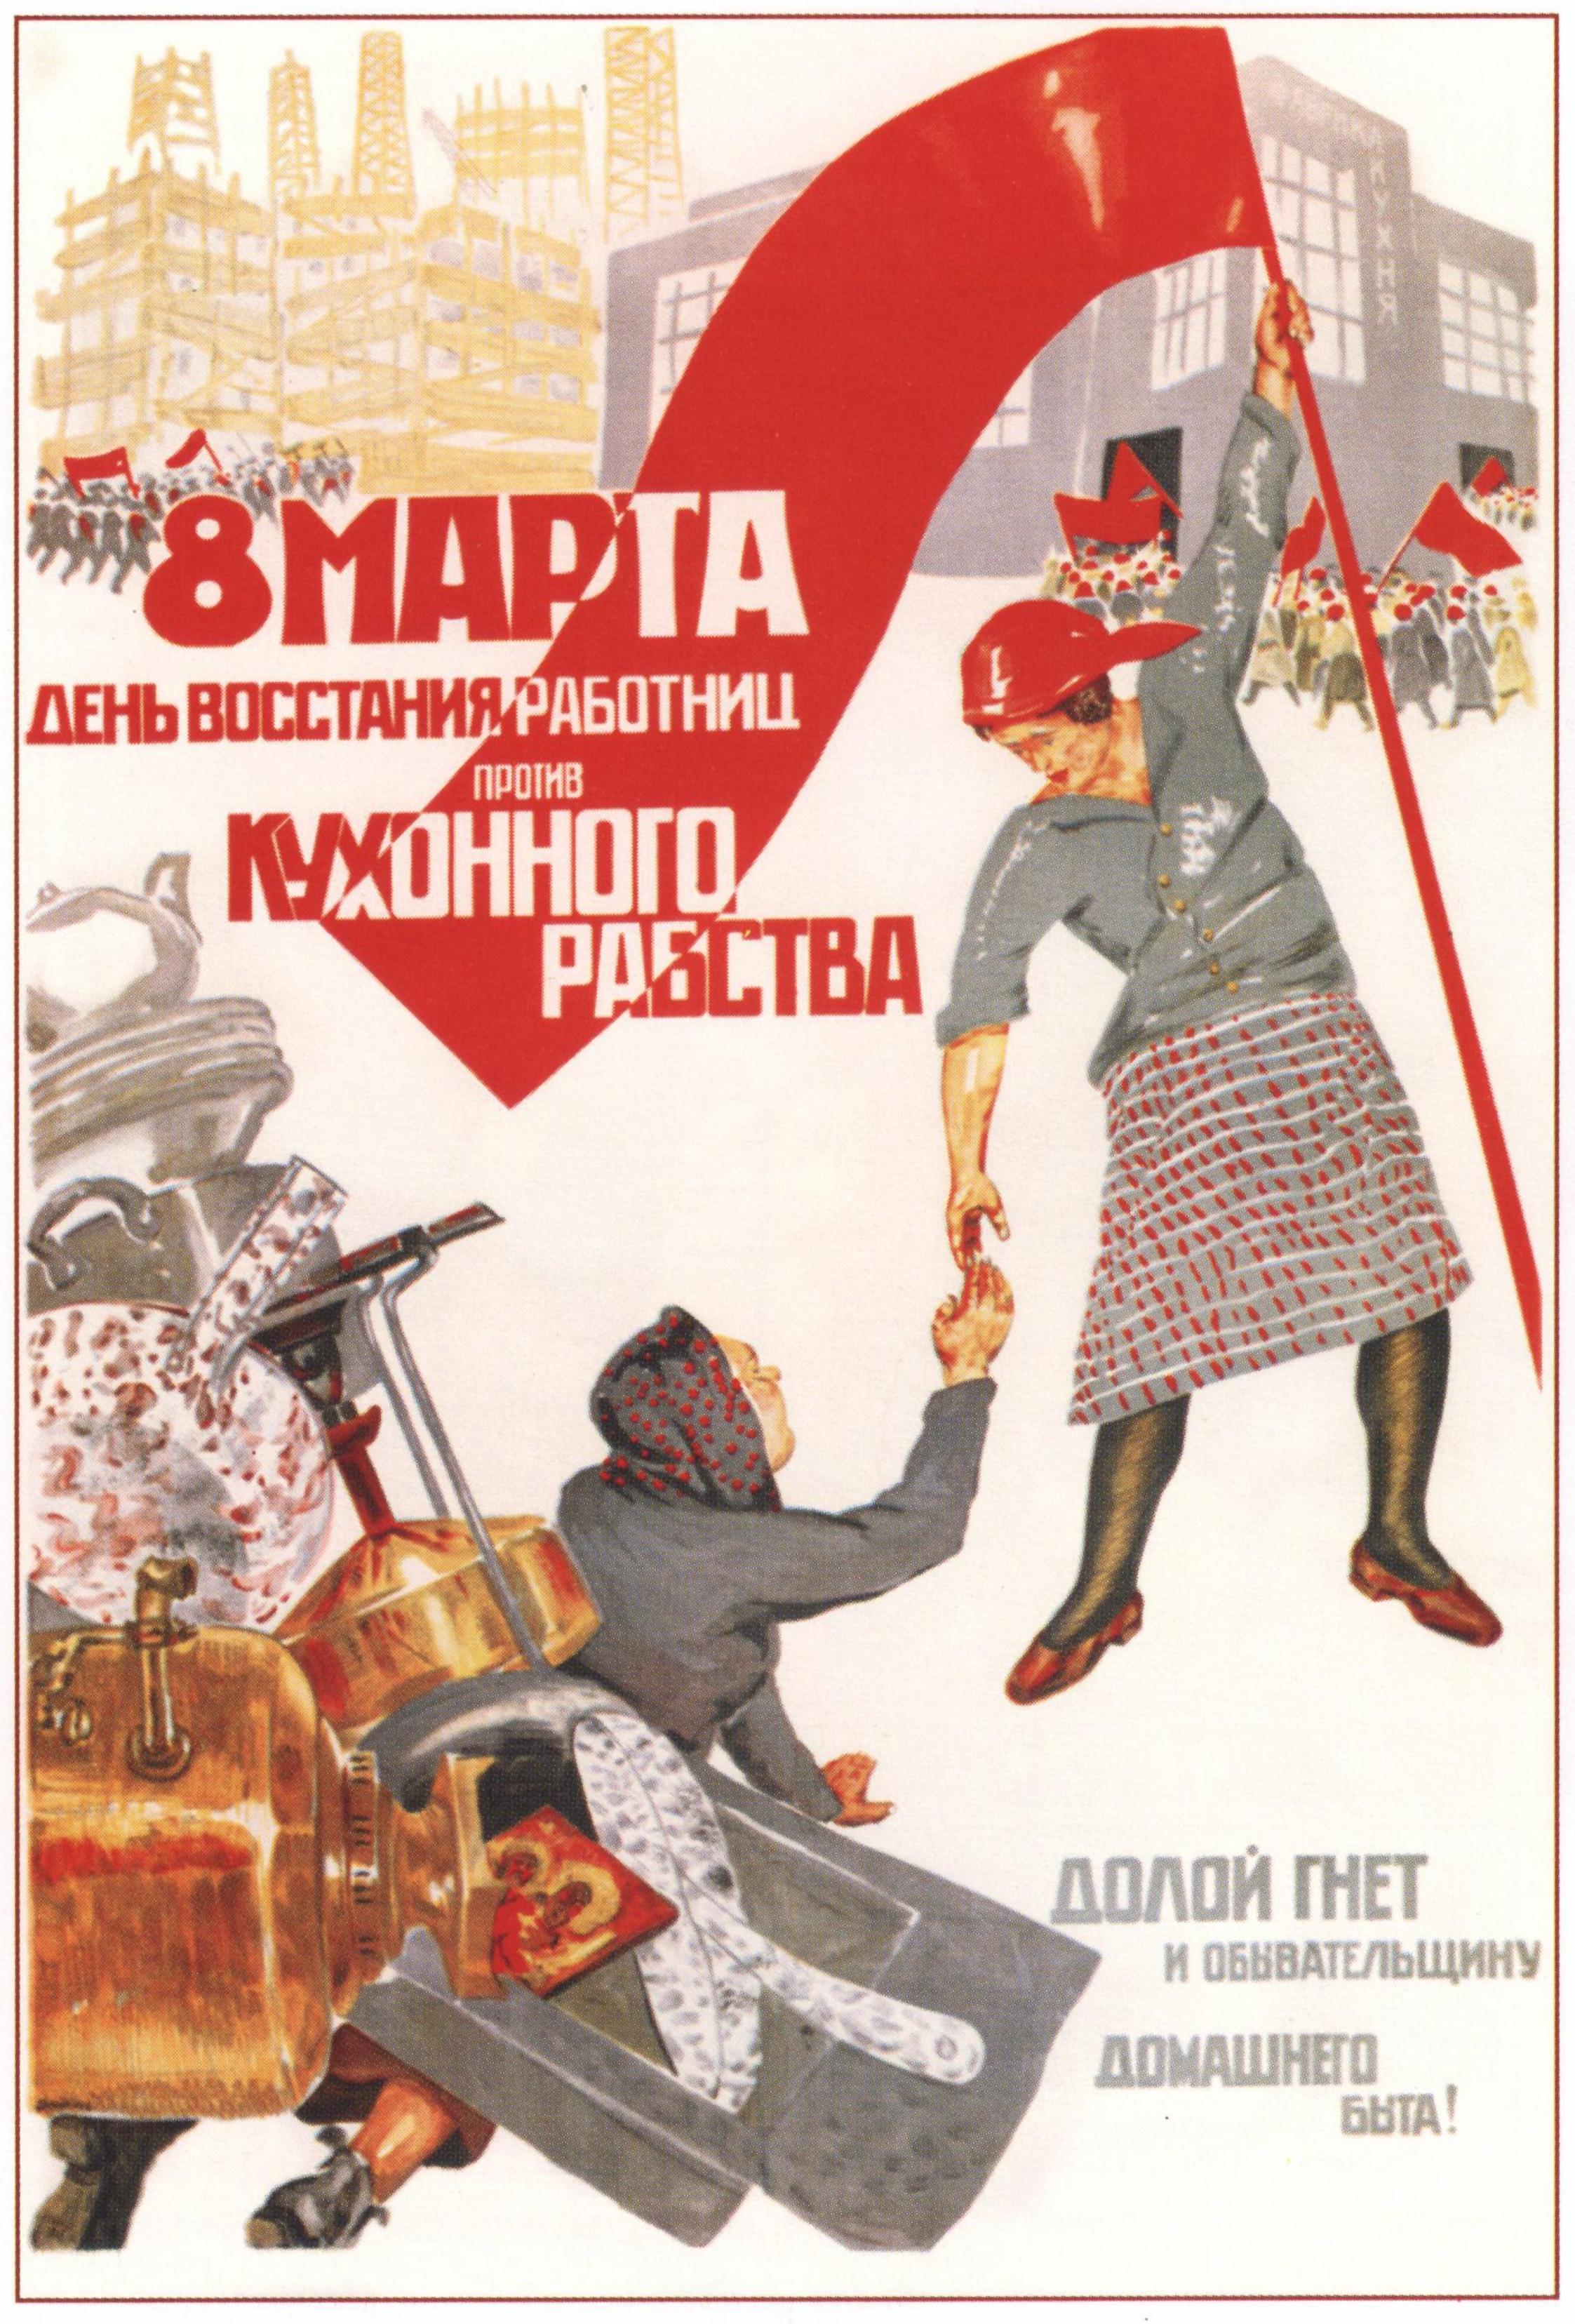 8 марта — день восстания работниц против кухонного рабства Автор: Б. Дейкин Год: 1932 Текст на плакате: Долой гнет и обывательщину домашнего быта